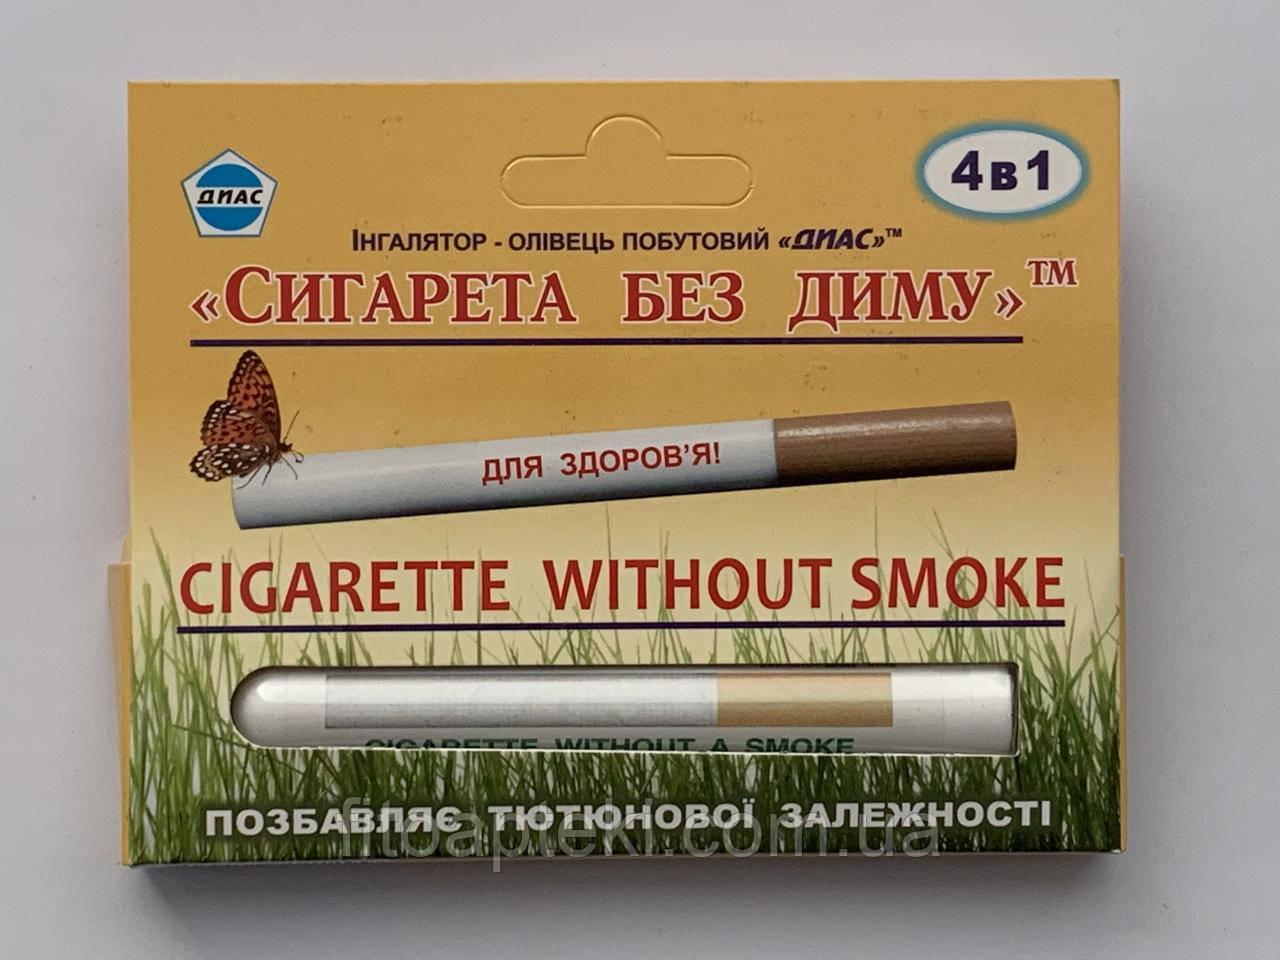 Сигареты от курения купить в аптеке купить сигареты в интернет магазине в розницу от 1 блока в нижнем новгороде